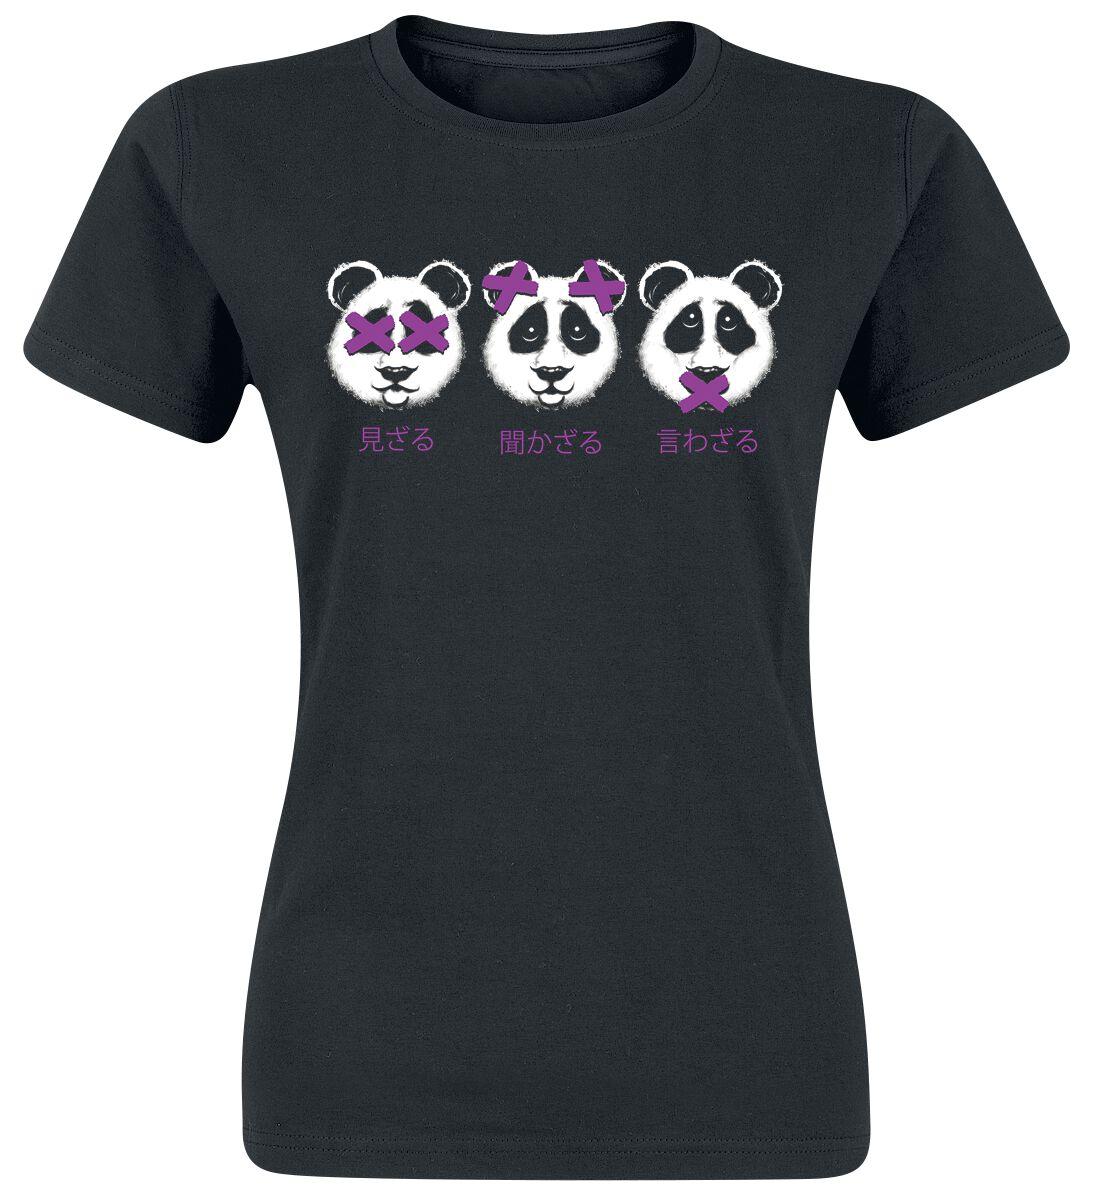 Image of 3 Panda Girl-Shirt schwarz